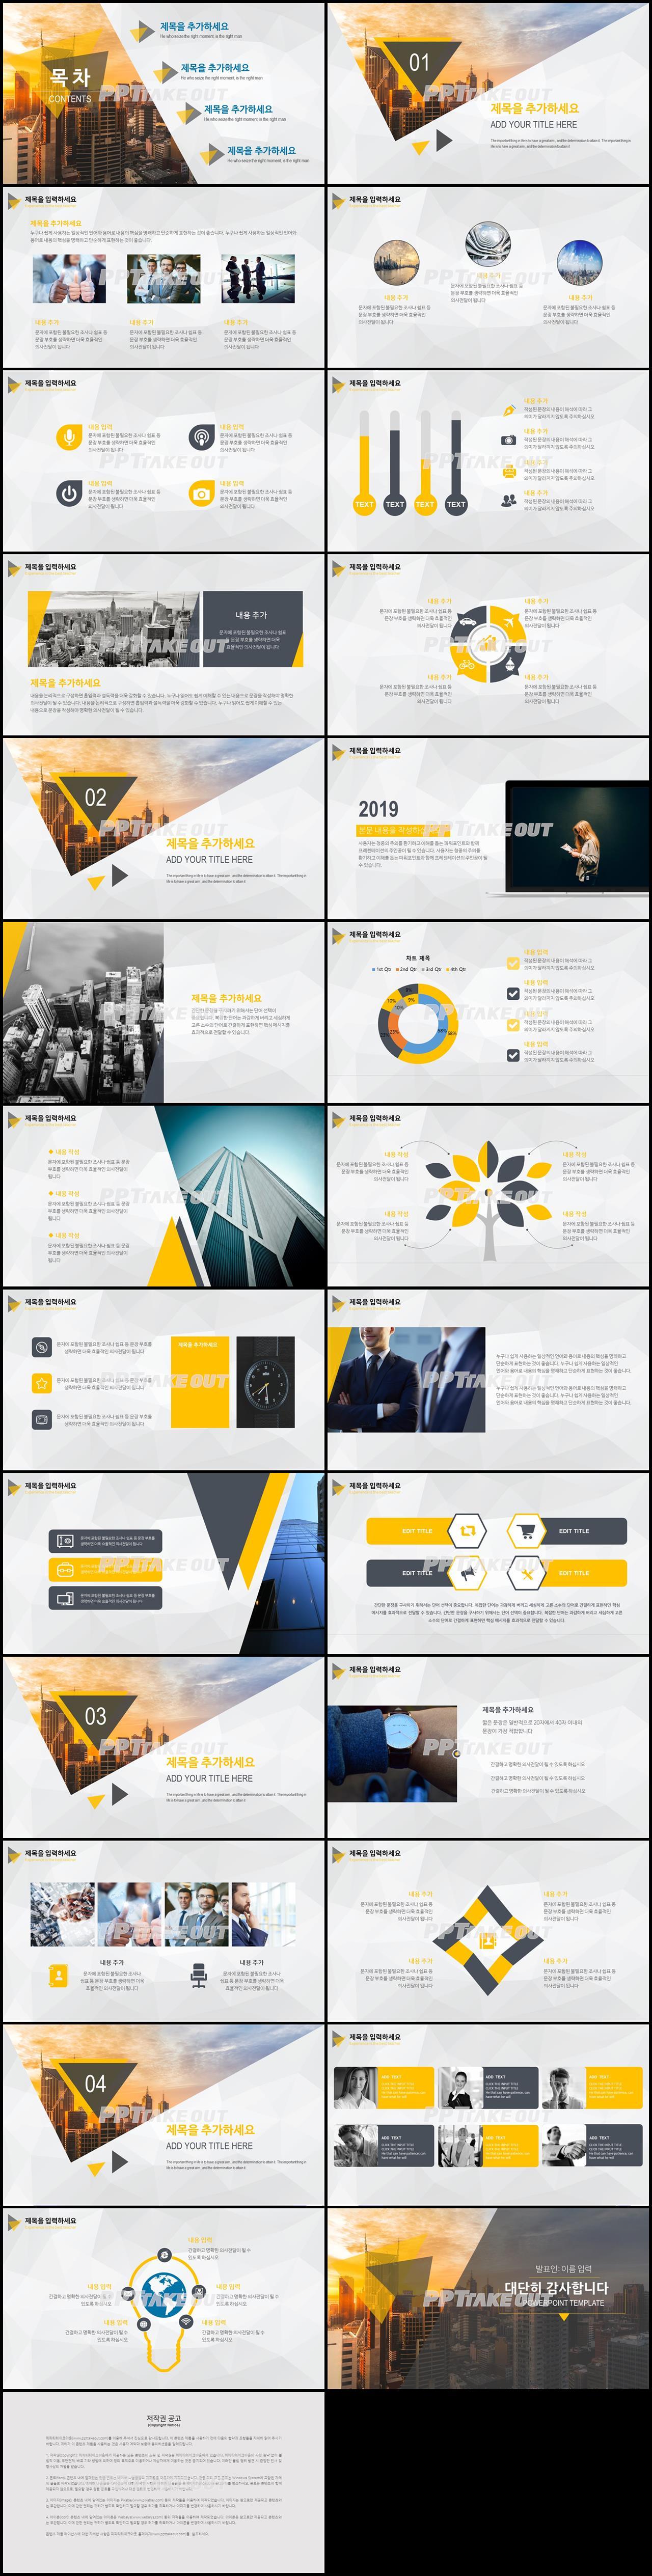 사업융자 노랑색 세련된 고퀄리티 피피티양식 제작 상세보기